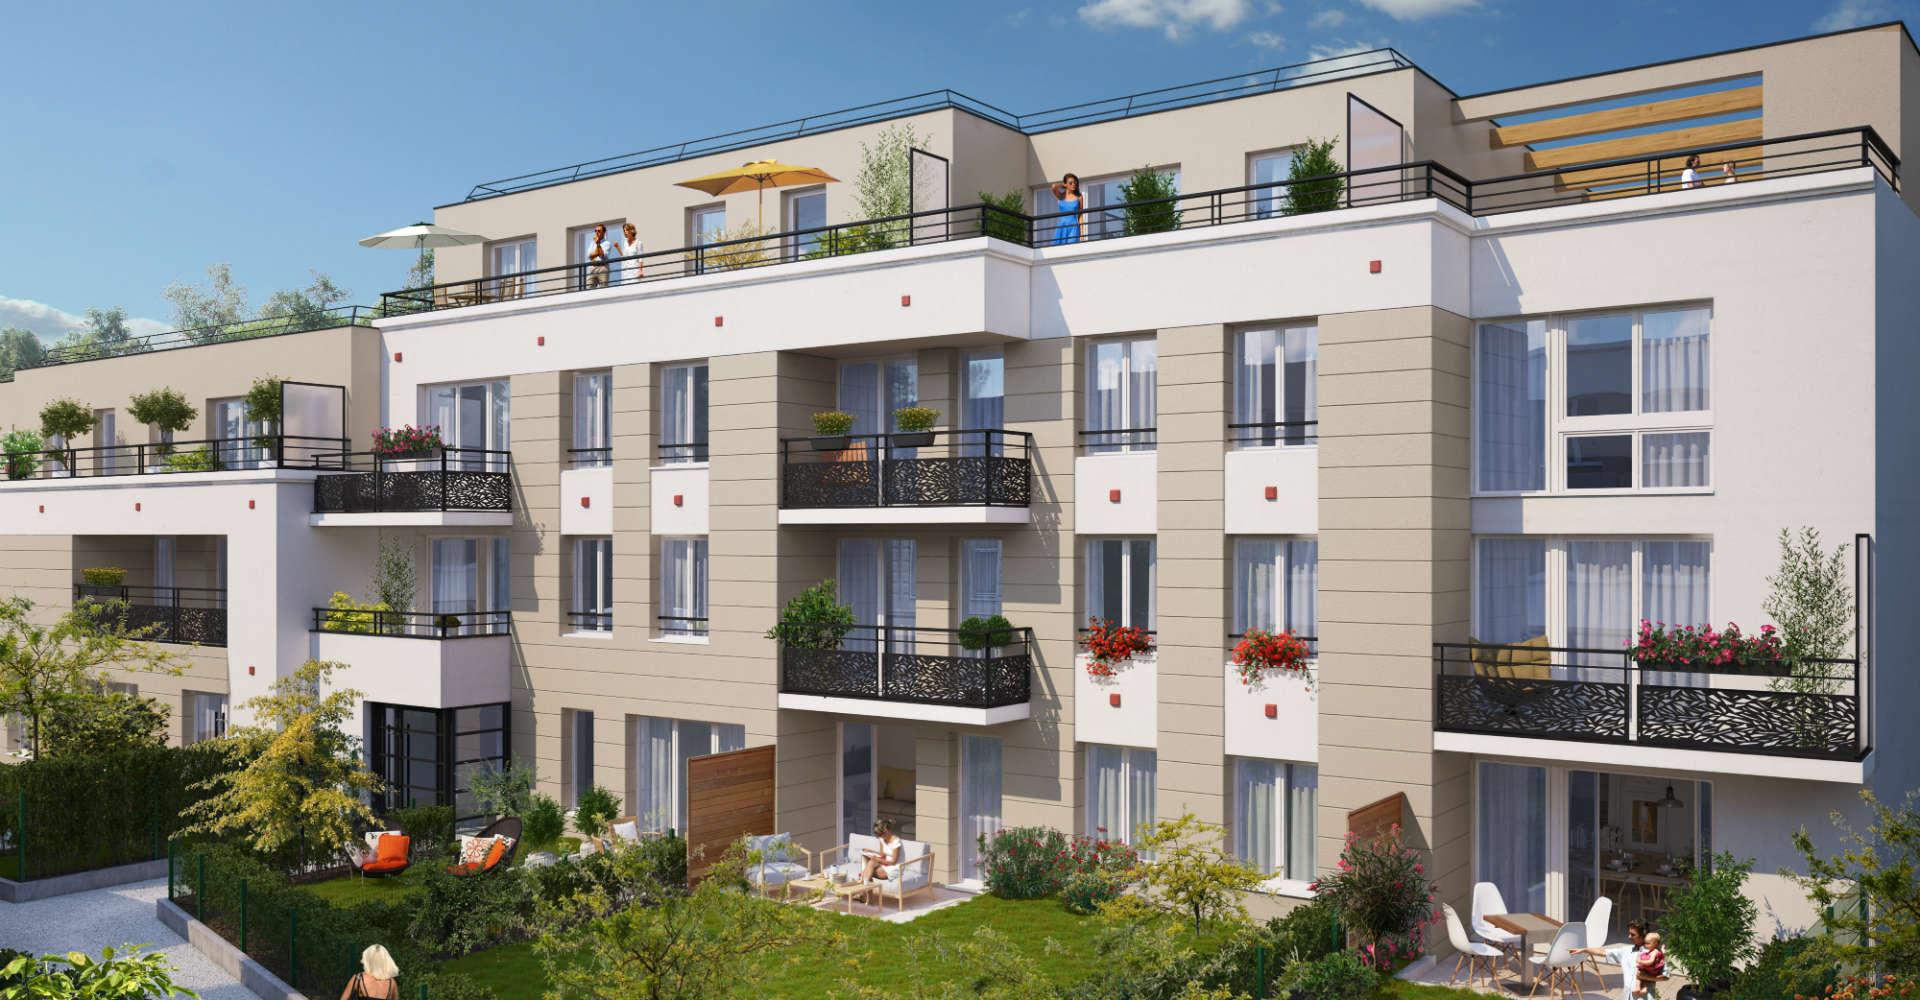 Projet immobilier s te l int r t d un achat immobilier for Immobilier achat maison